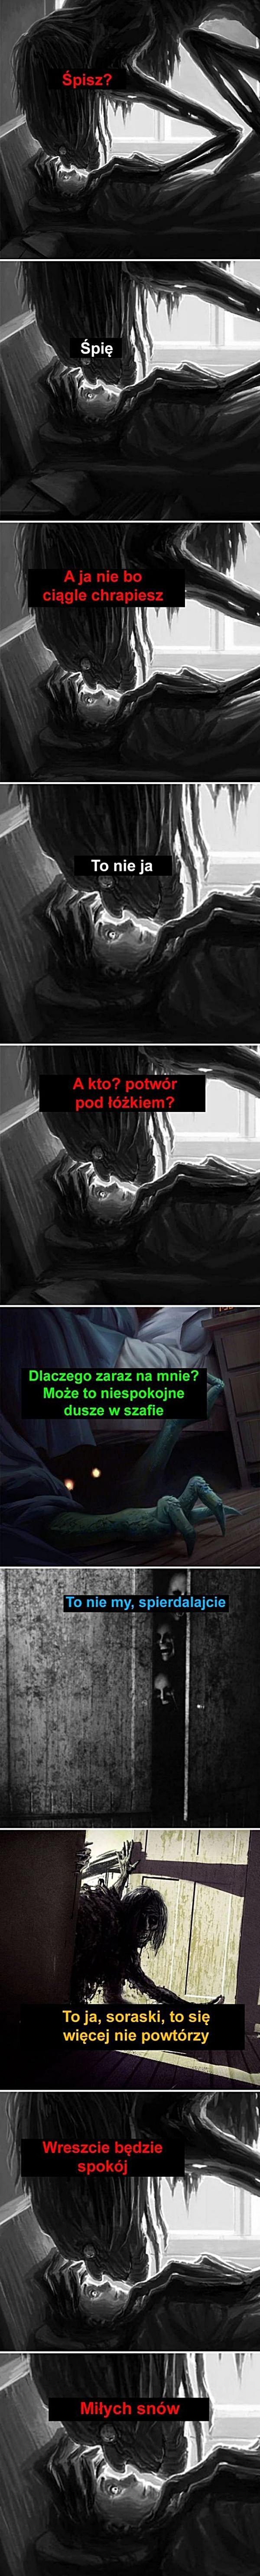 Ktoś tu chrapie podczas spania?